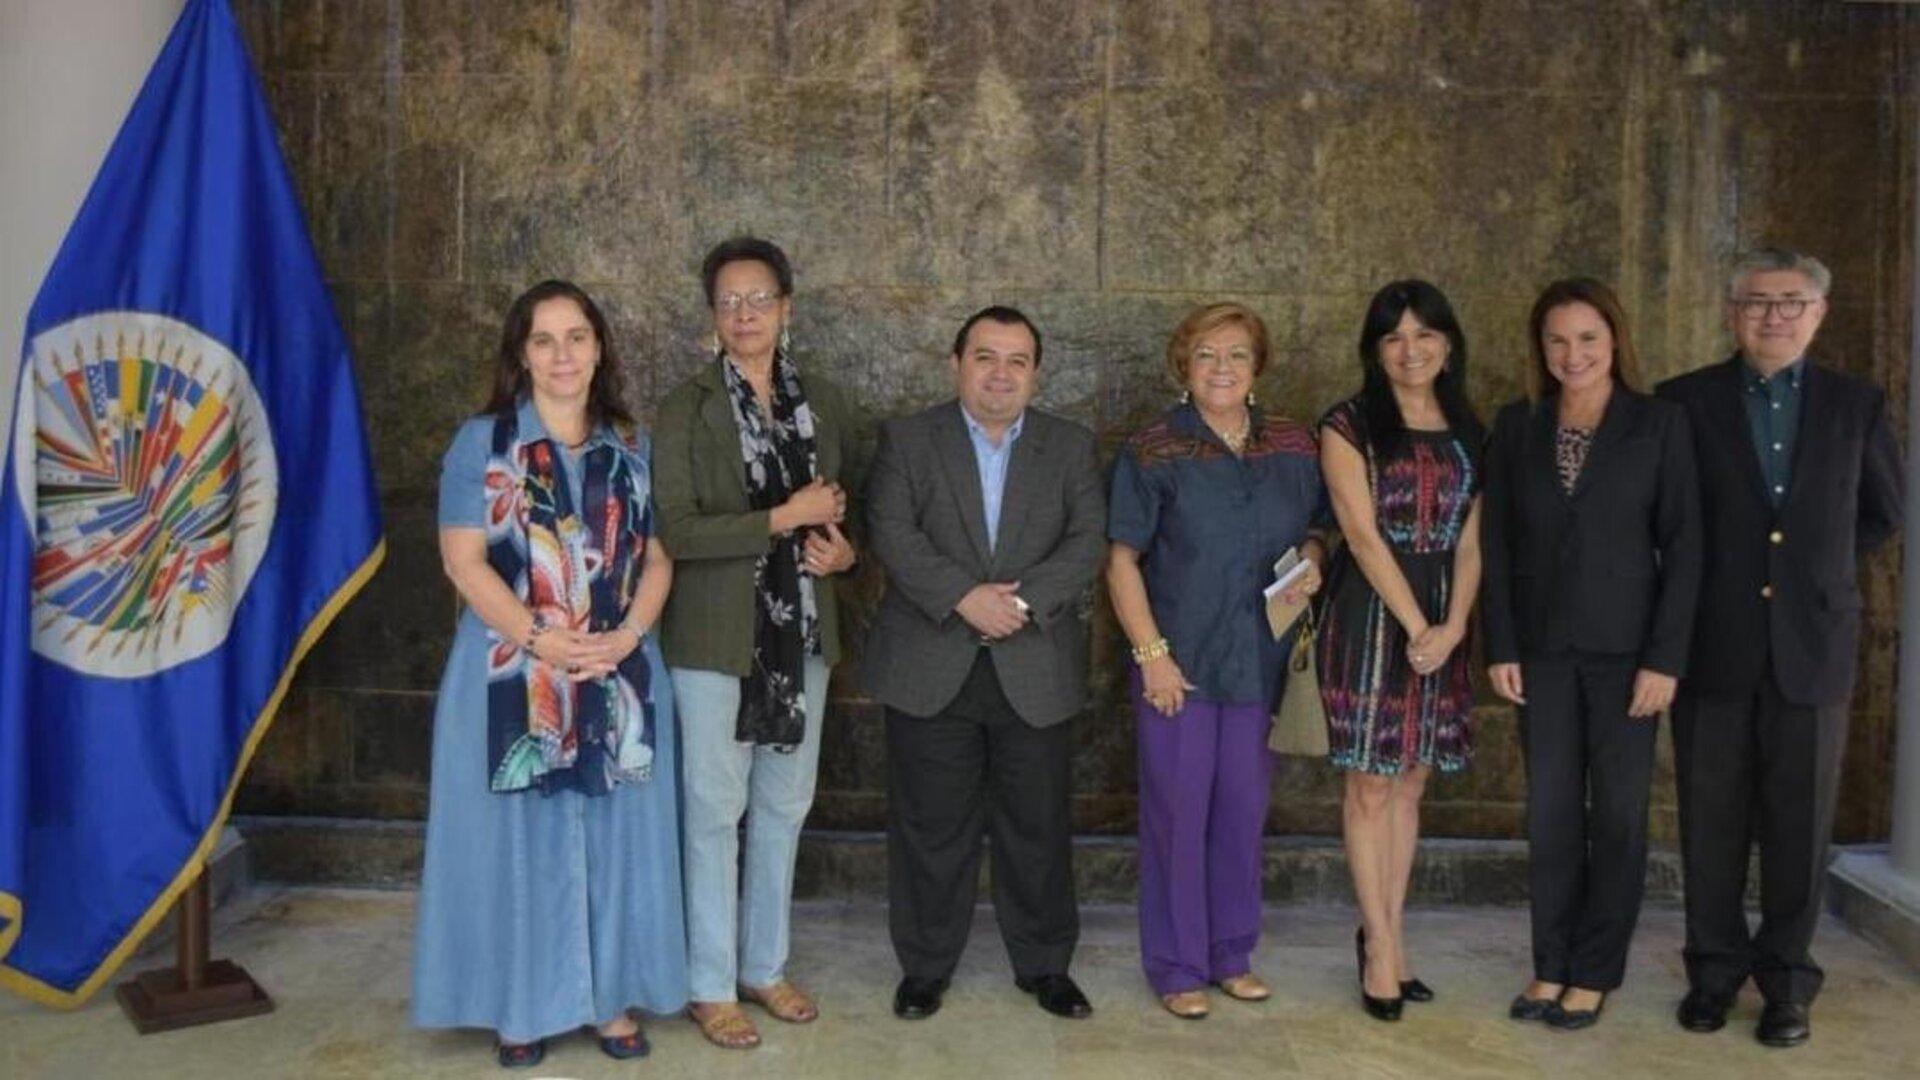 Comisionado de Derechos Humanos ratifica visita de delegación de la CIDH